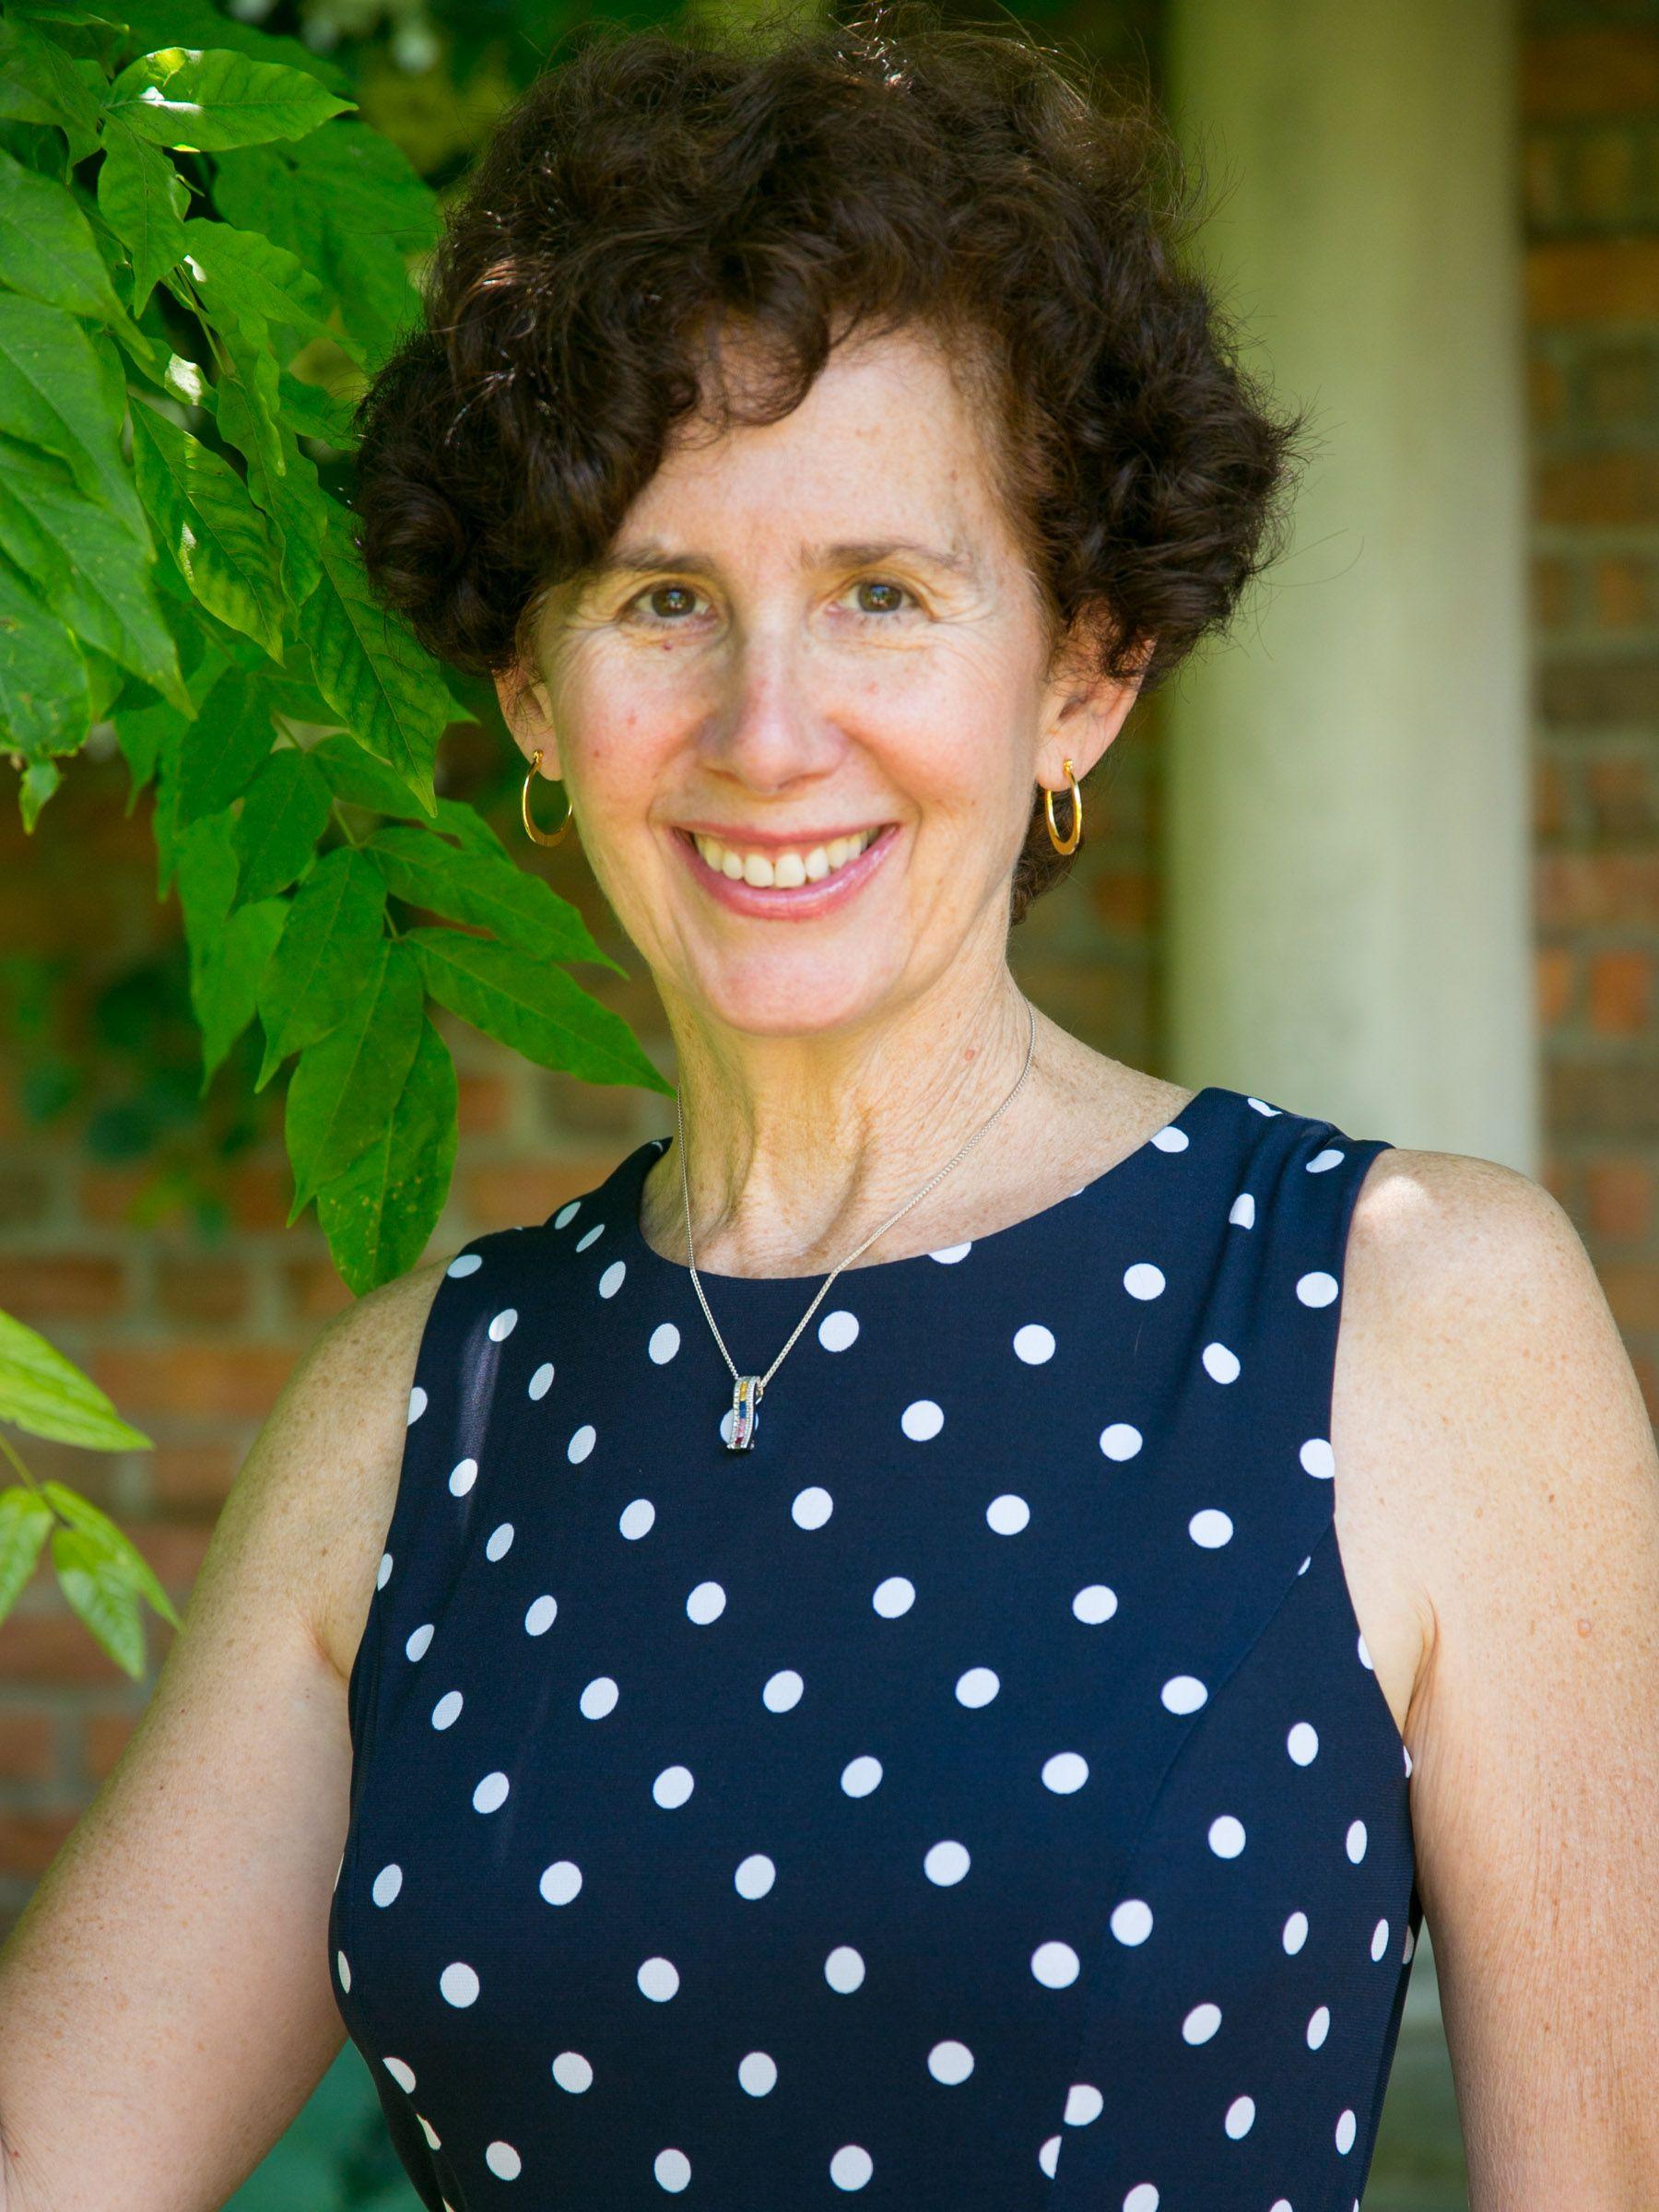 Dr. Sheri Doniger